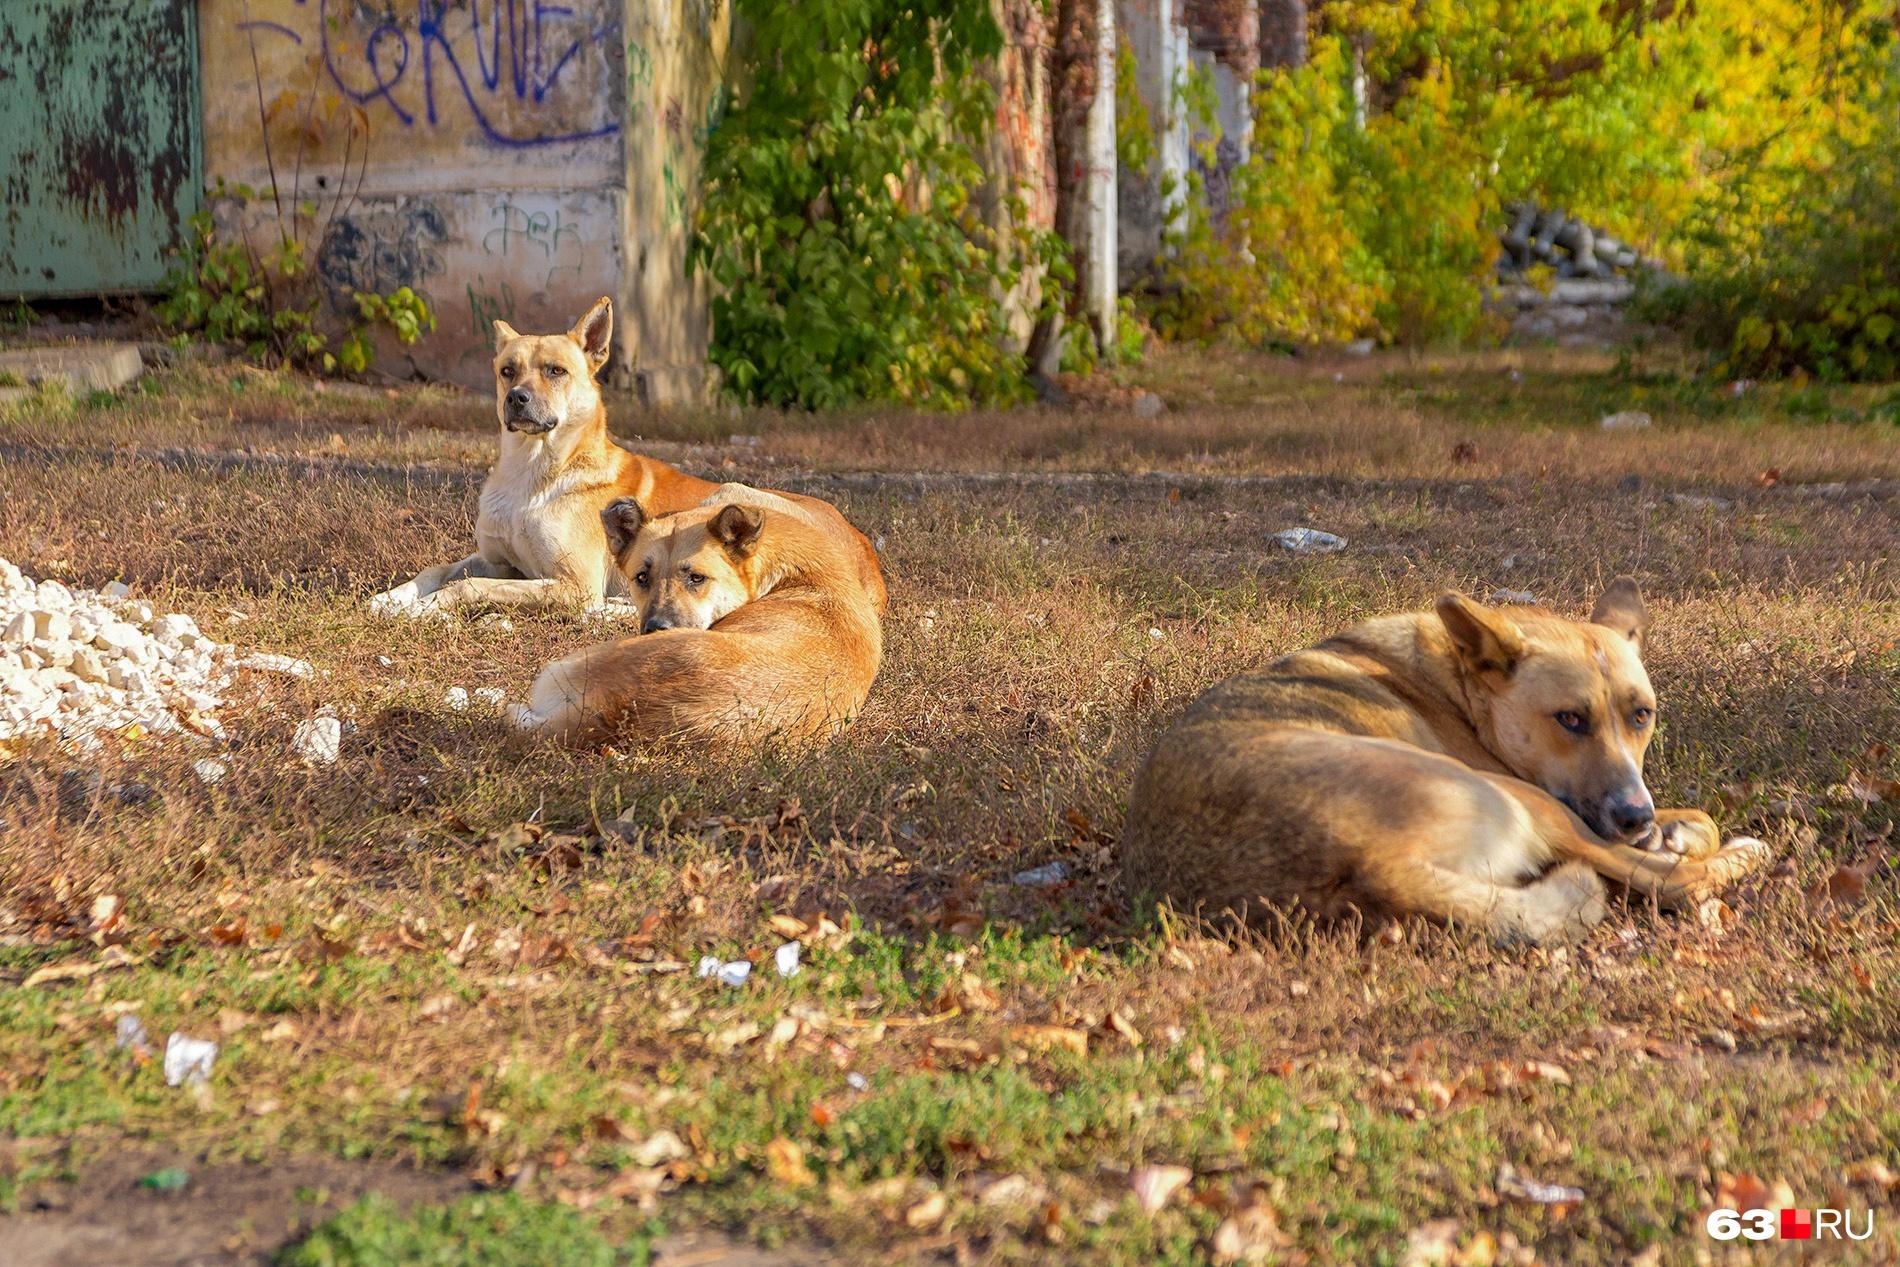 Одни зоозащитники говорят, что собаки в городе необходимы, чтобы сокращать популяцию крыс, другие обвиняют их в убийстве кошек и диких животных в пригороде